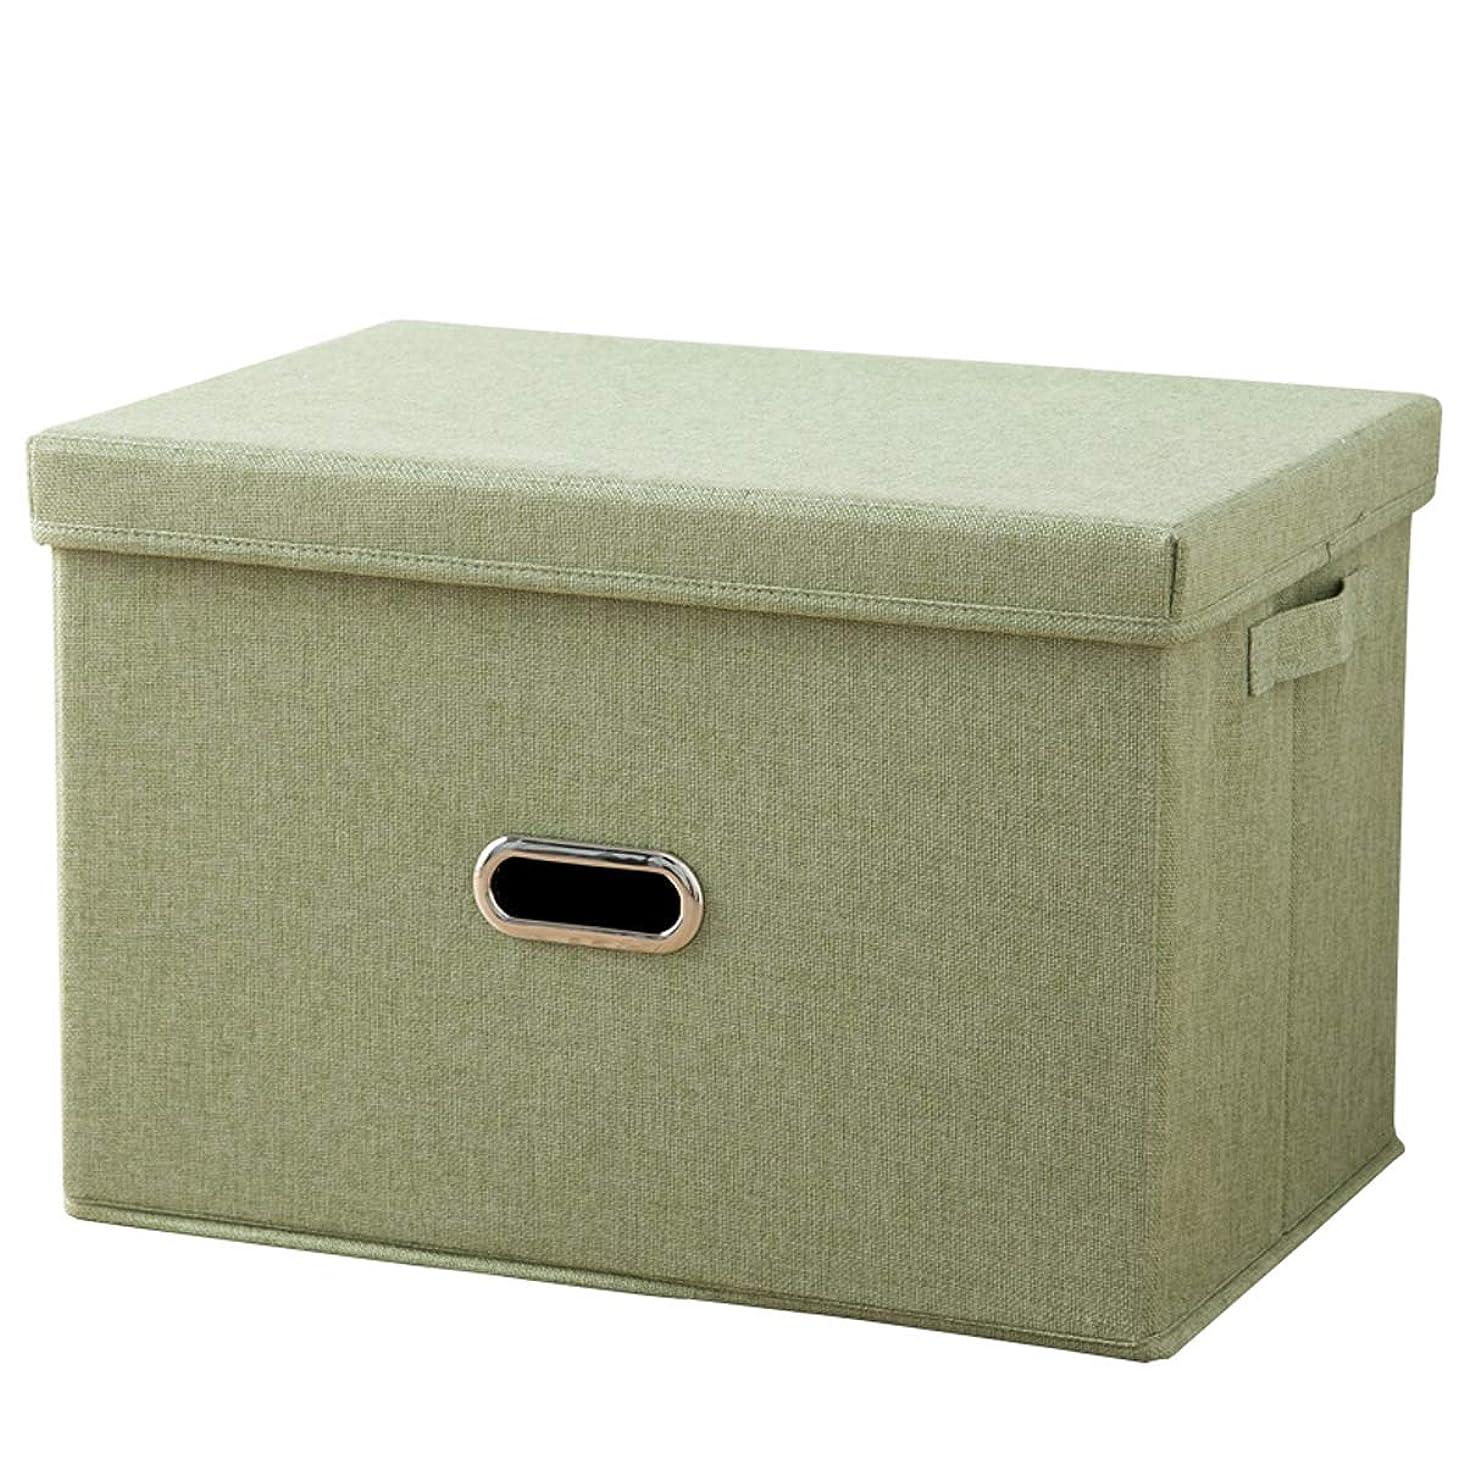 ドキュメンタリー映画衣装折りたたみ 収納ボックス フタ付き ファブリックボックス 押入れ収納 ボックス 収納ケース 折り畳み収納(S グリーン)